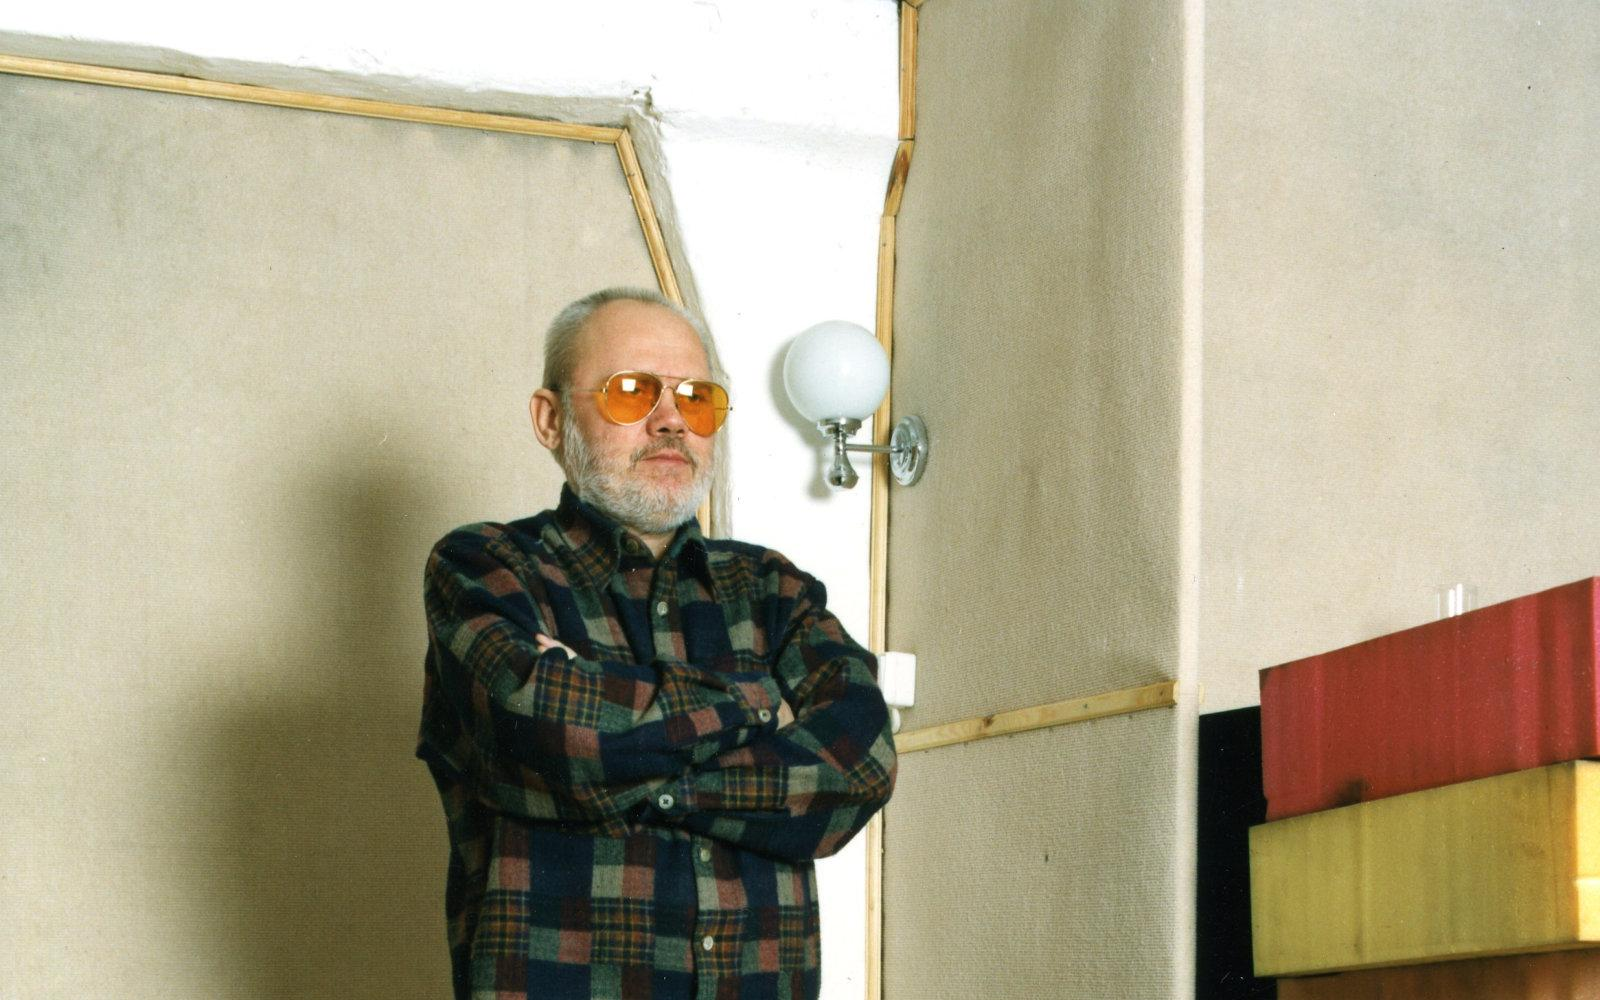 """Andrzej Przybielski w studiu Mózg, zdjęcie do płyty Mazzoll, Kazik &amp; Arhythmic Perfection """"rozmowy s catem"""", 1996, <strong>fot. ZbyZiel</strong>"""